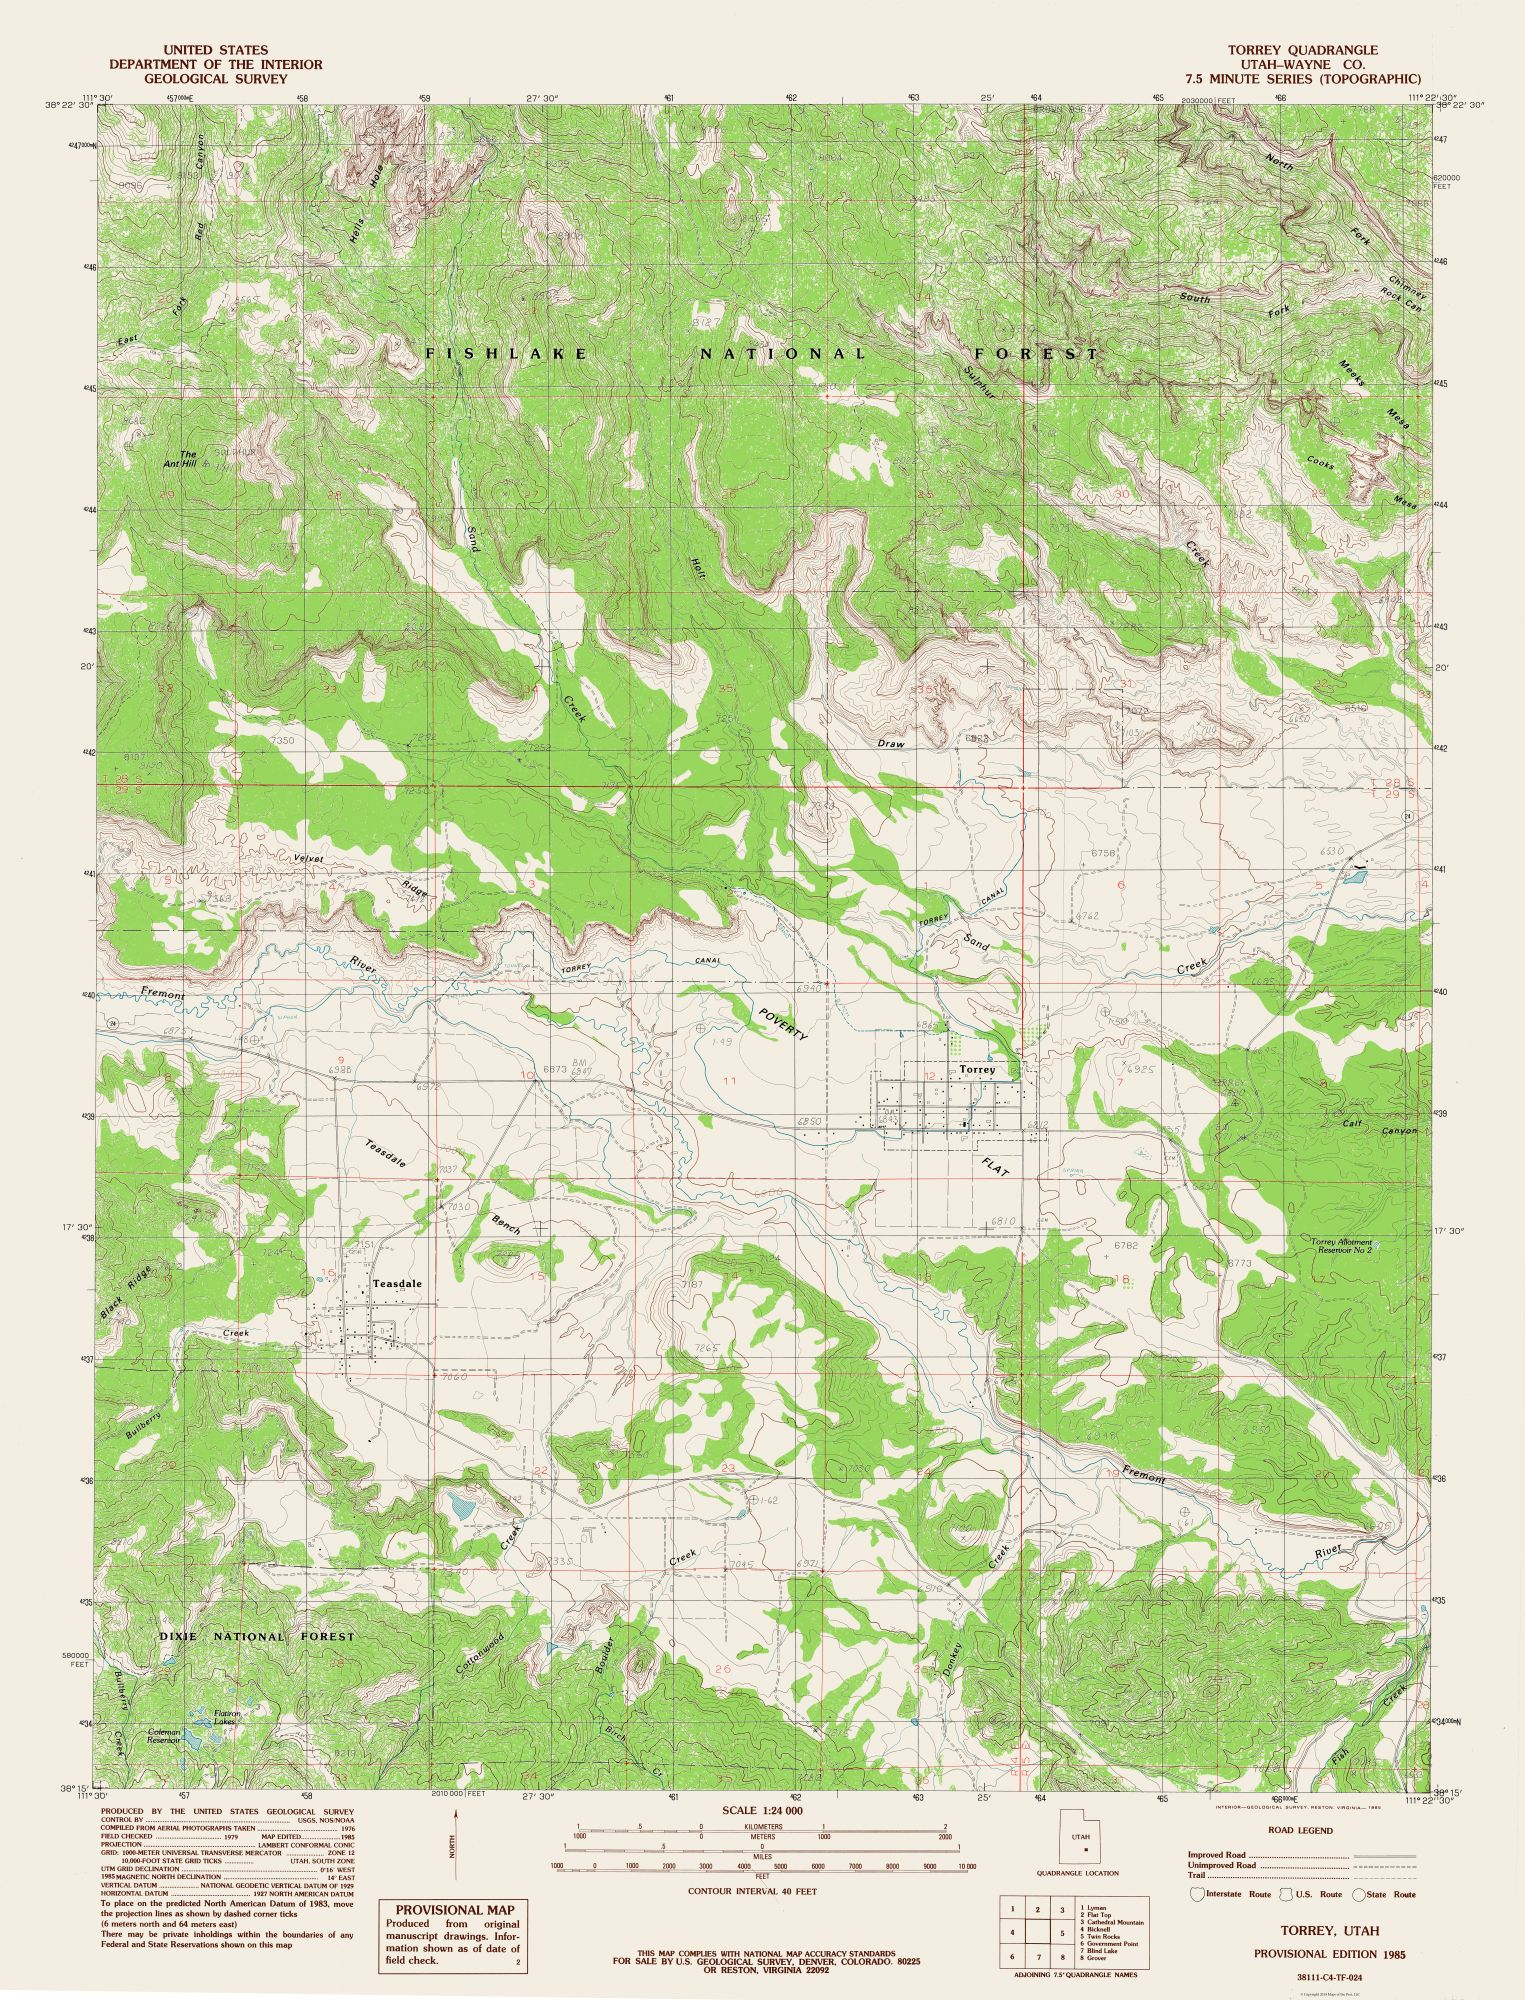 Topographic Map - Torrey Utah Quad - USGS 1985 - 23 x 30.17